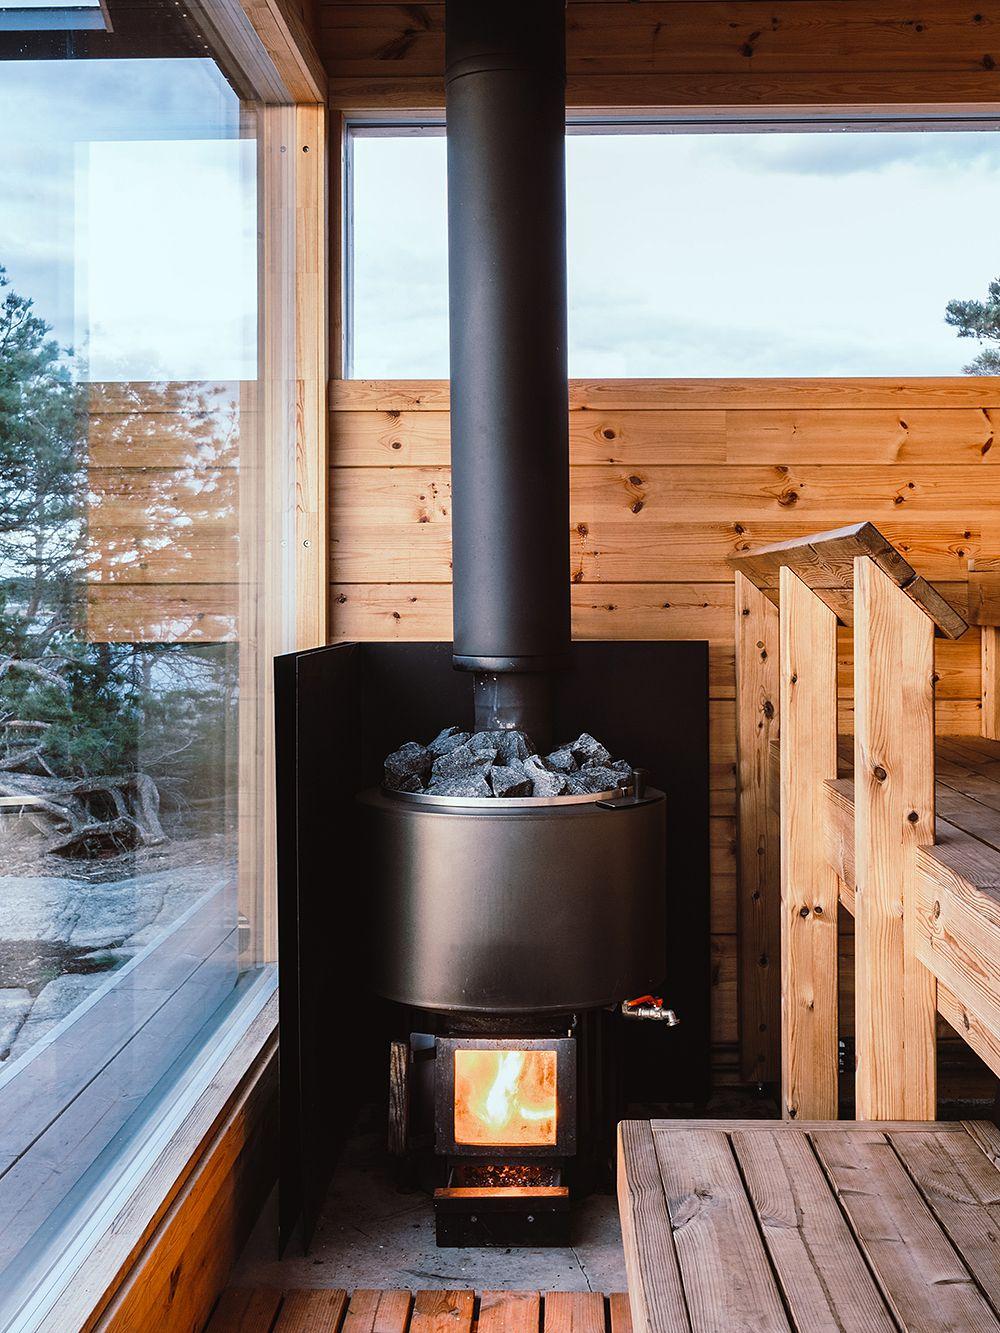 Projekti Ö sauna